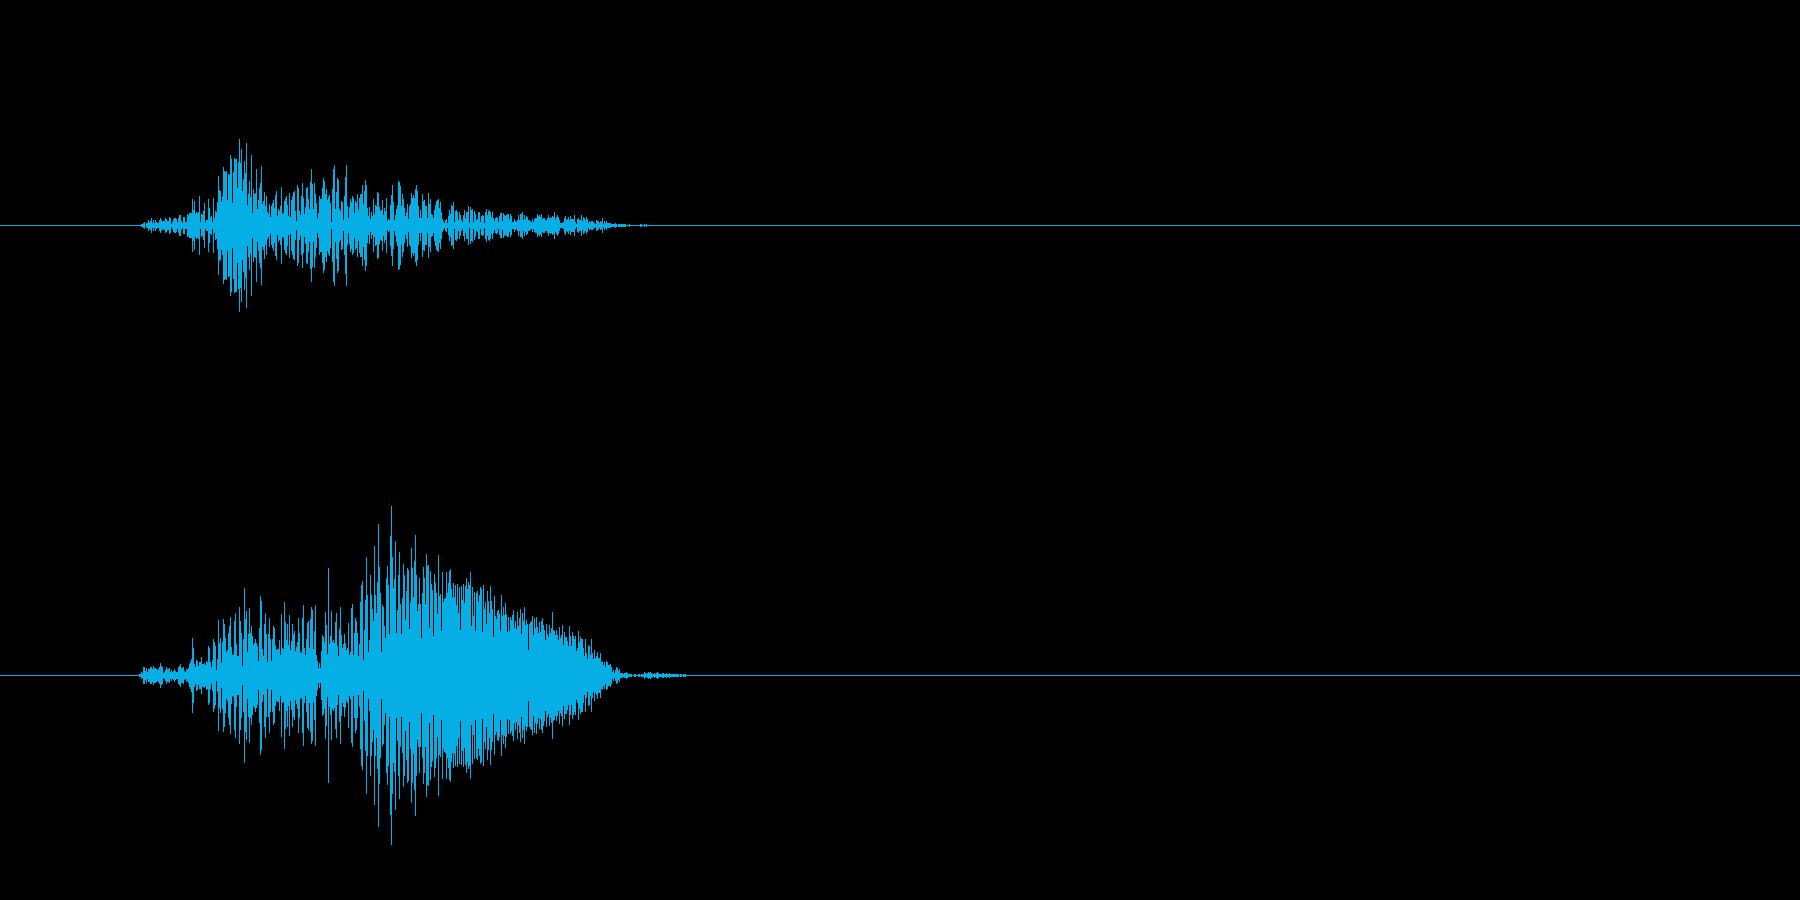 ピュッ(鳥の鳴き声の様な効果音)の再生済みの波形